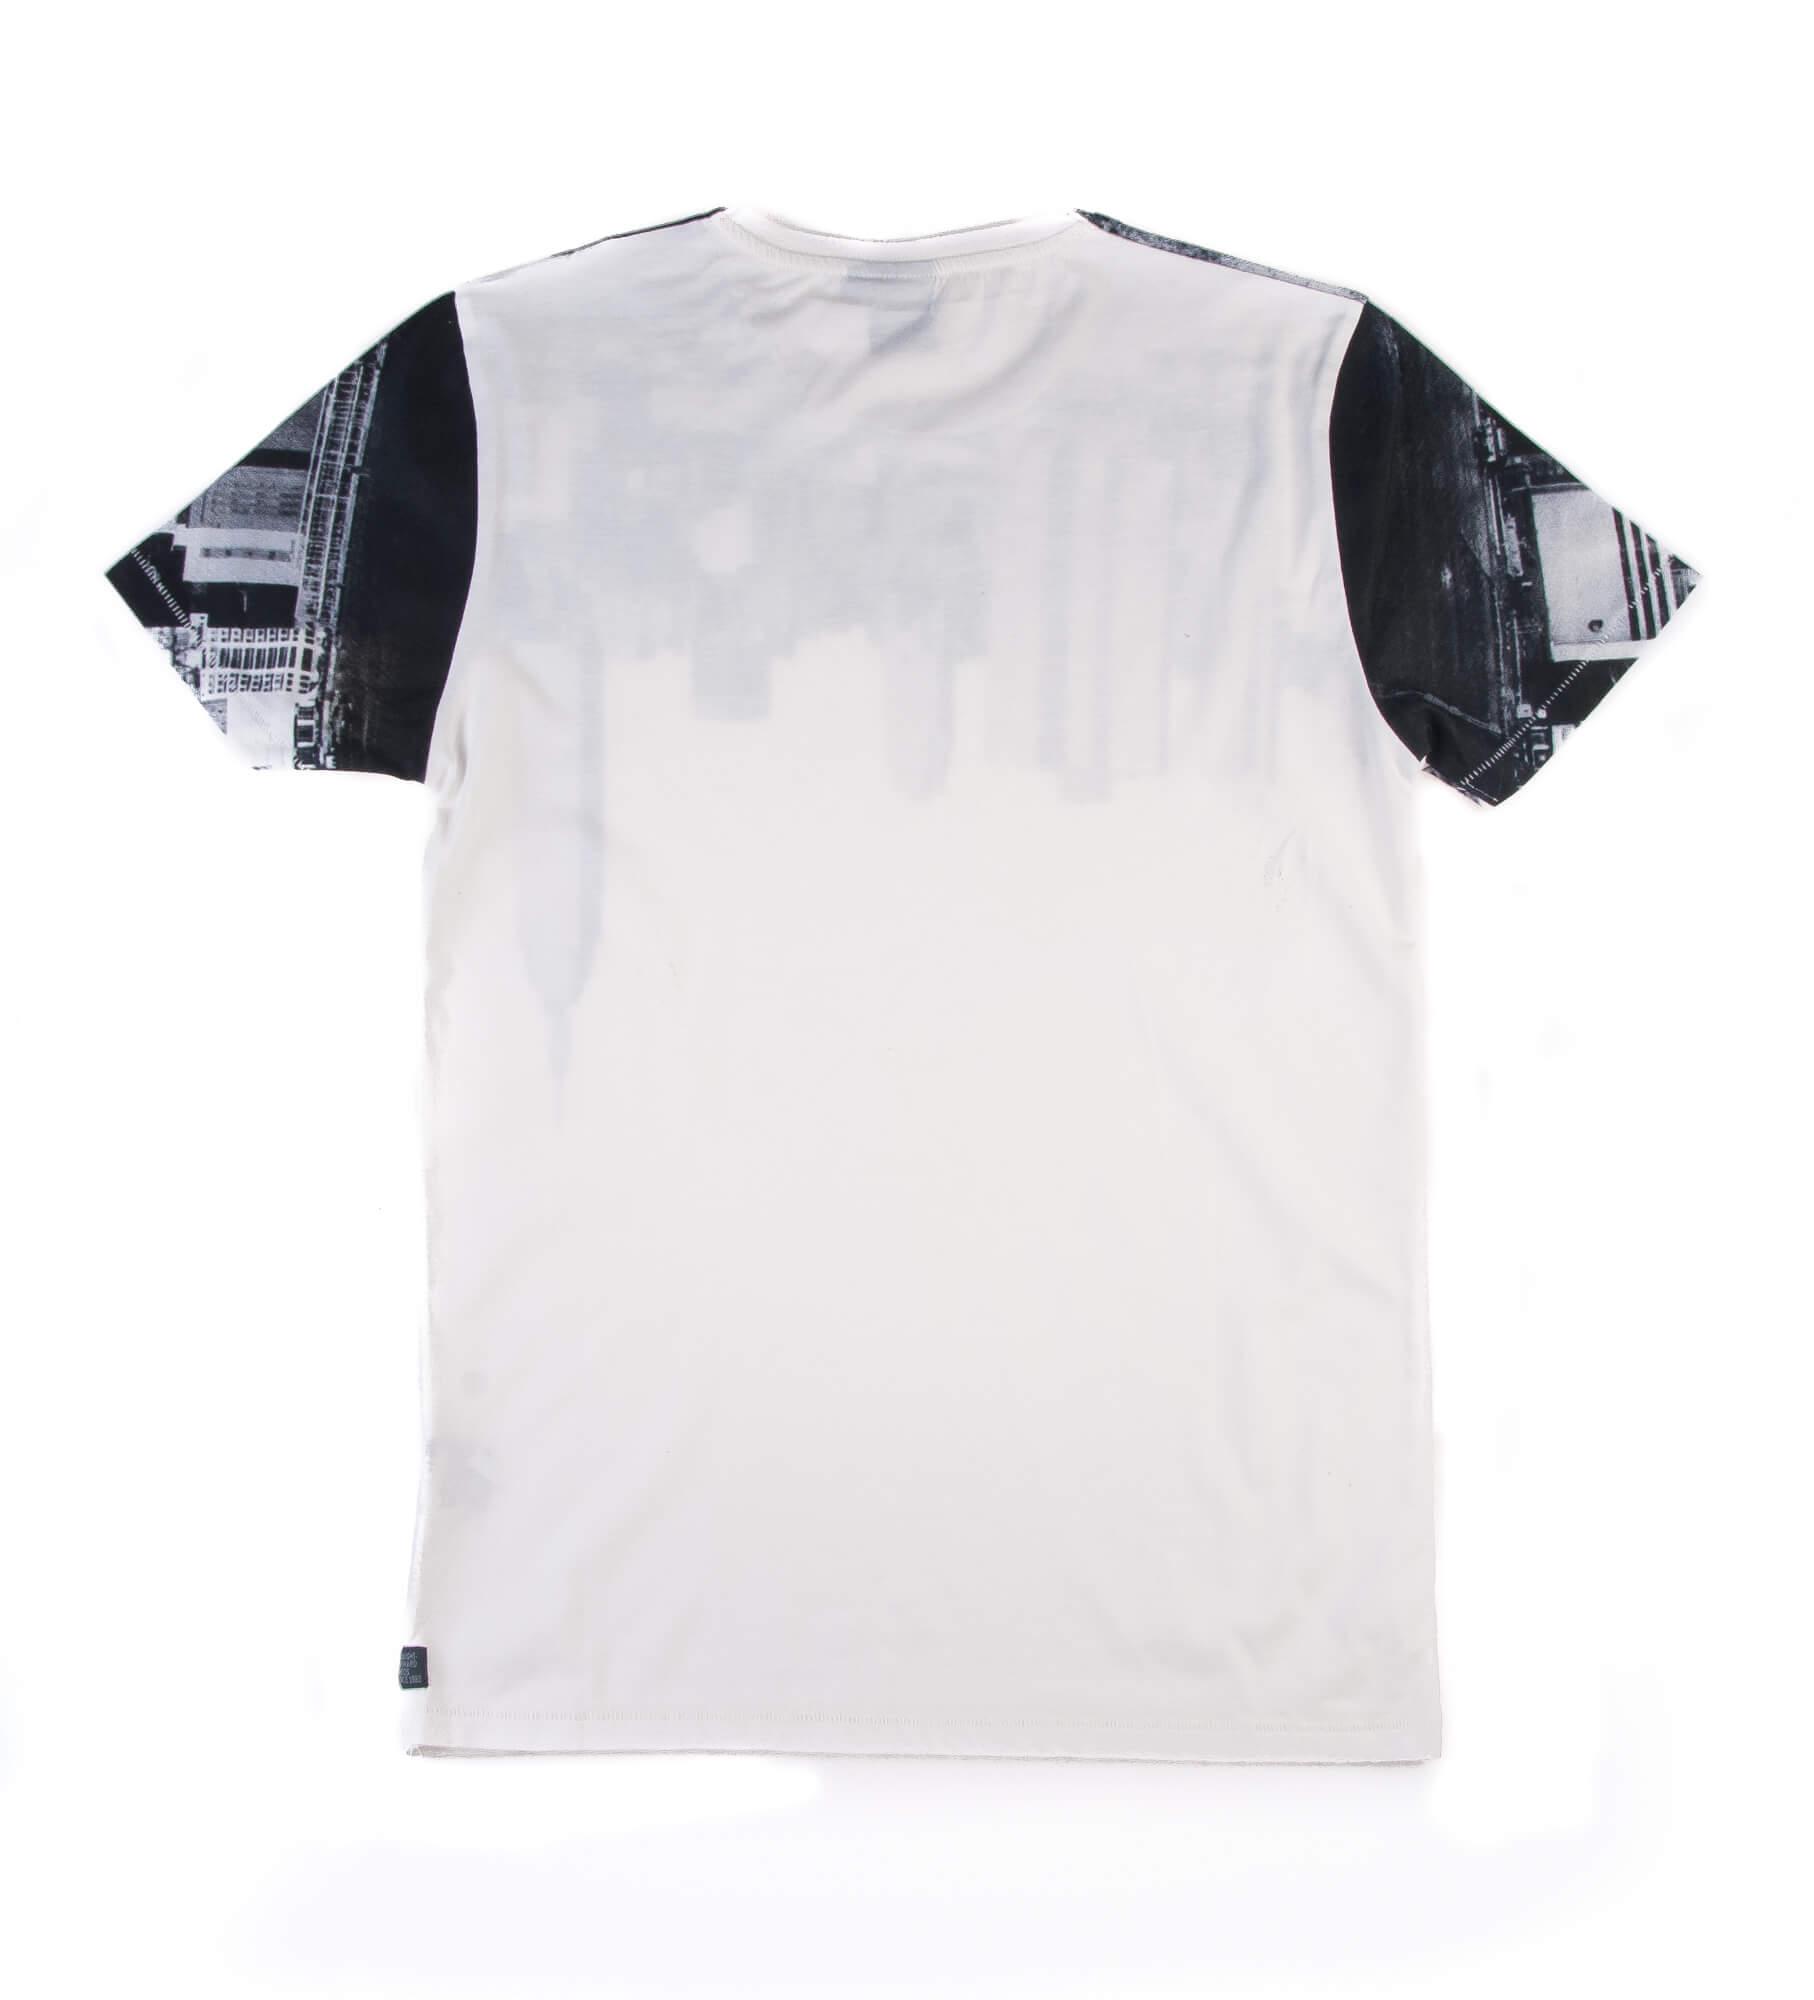 تی شرت مردانه برند وی S1032 WE